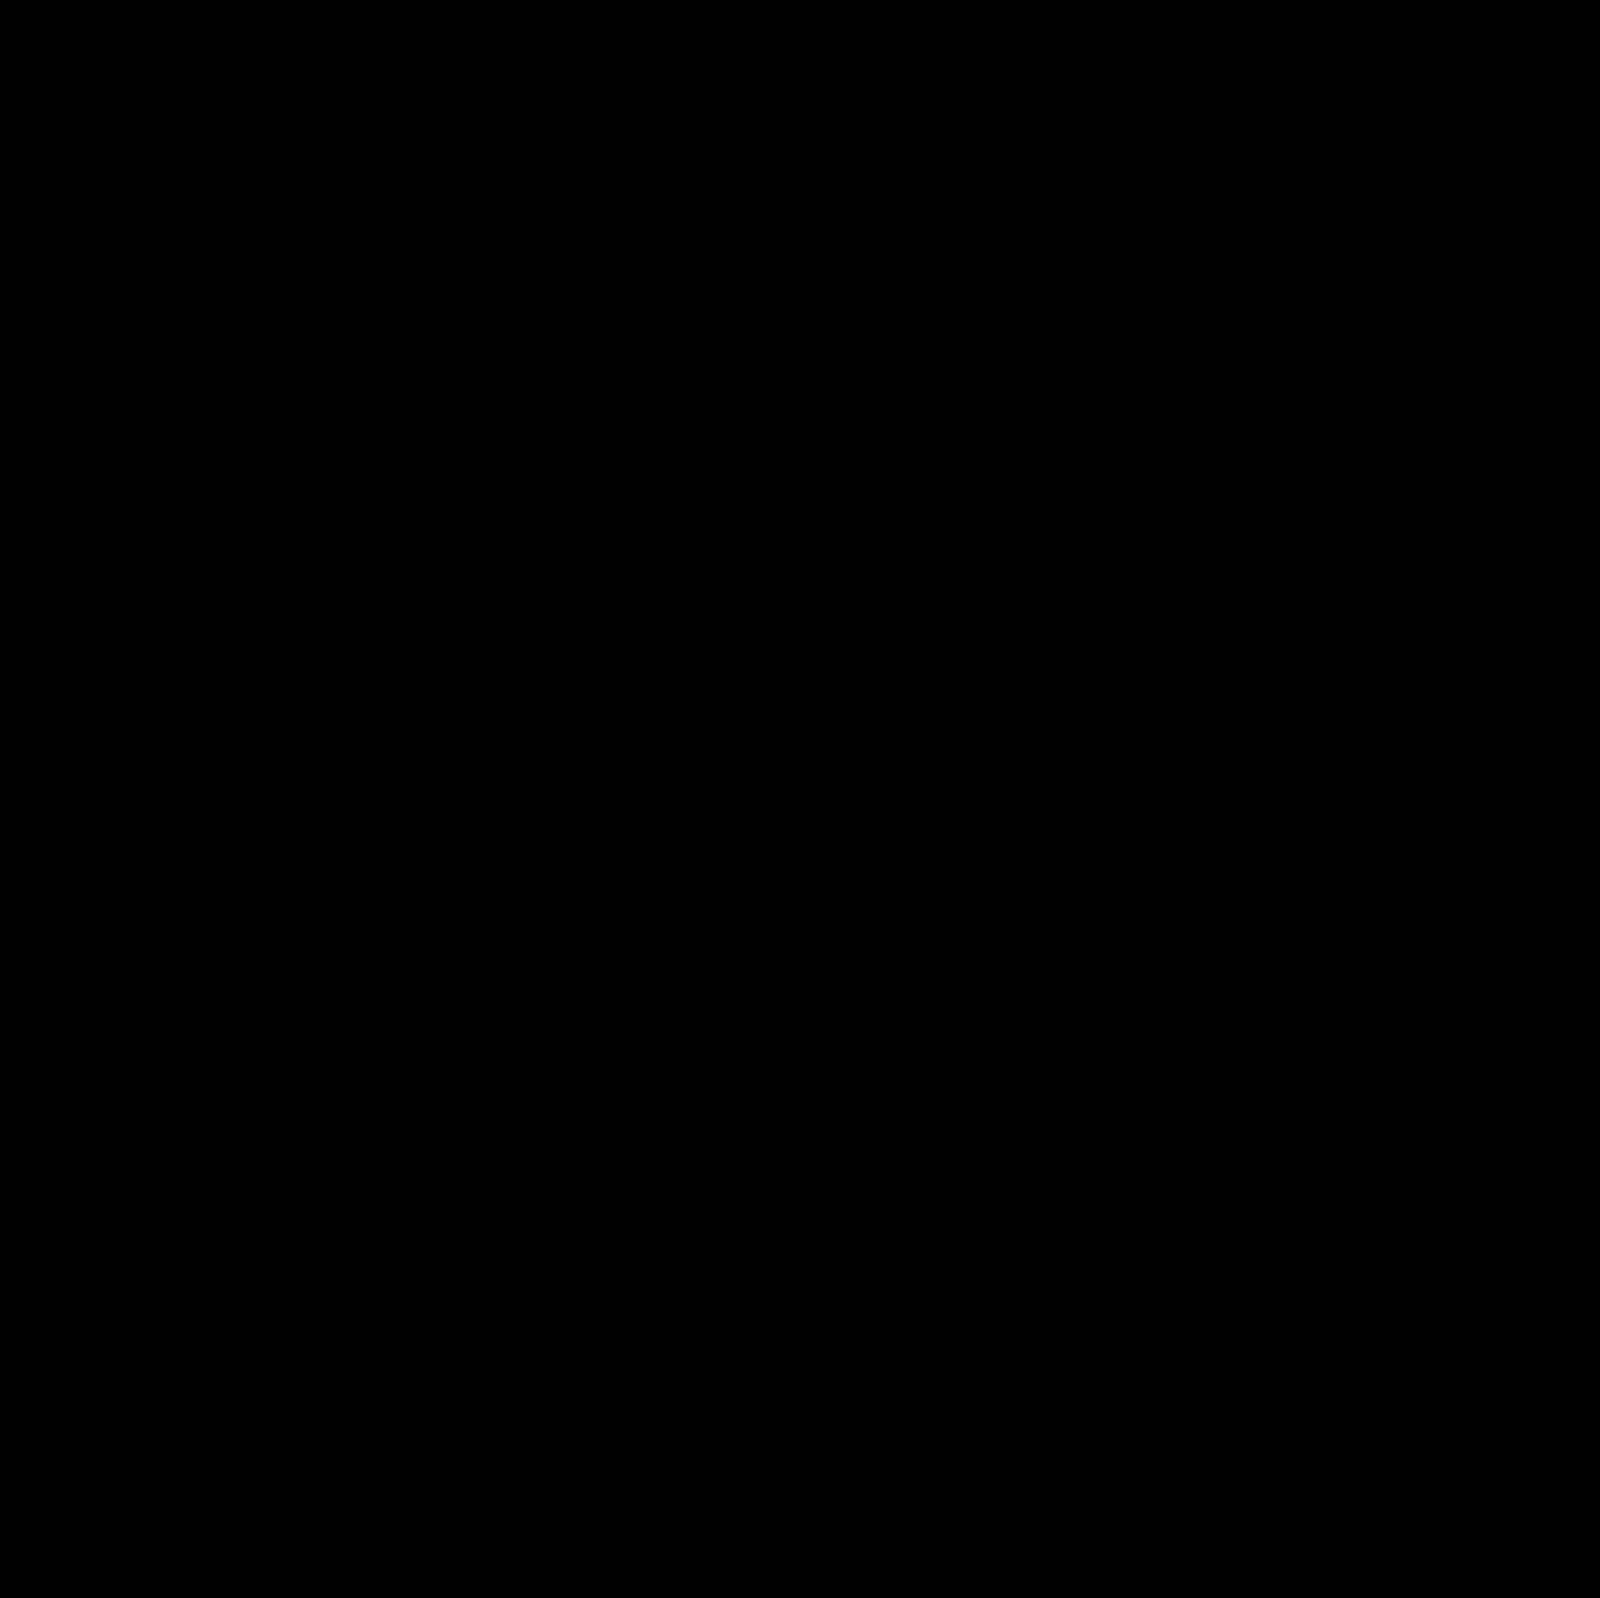 Image empire insignia logo. Starwars clipart sith